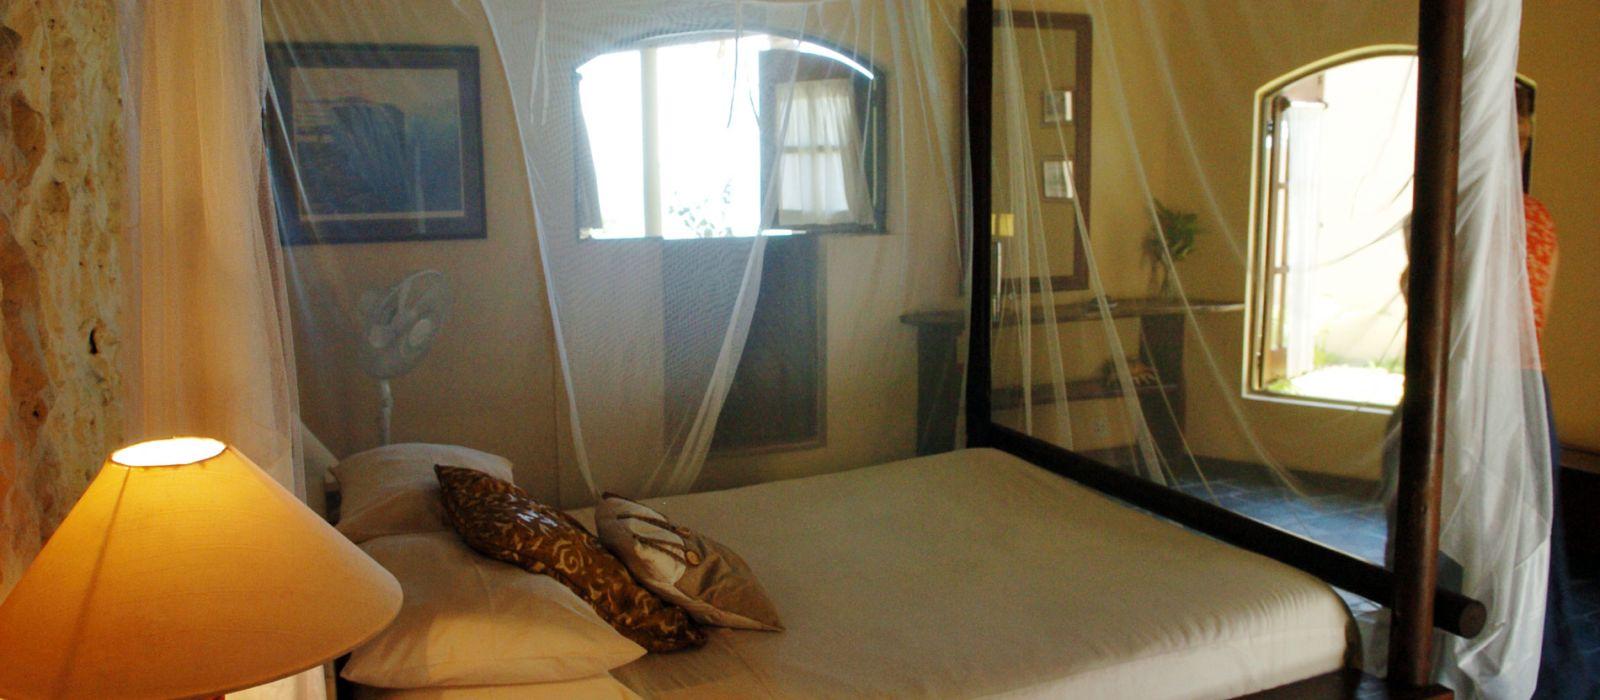 Hotel Casa Babi Mozambique